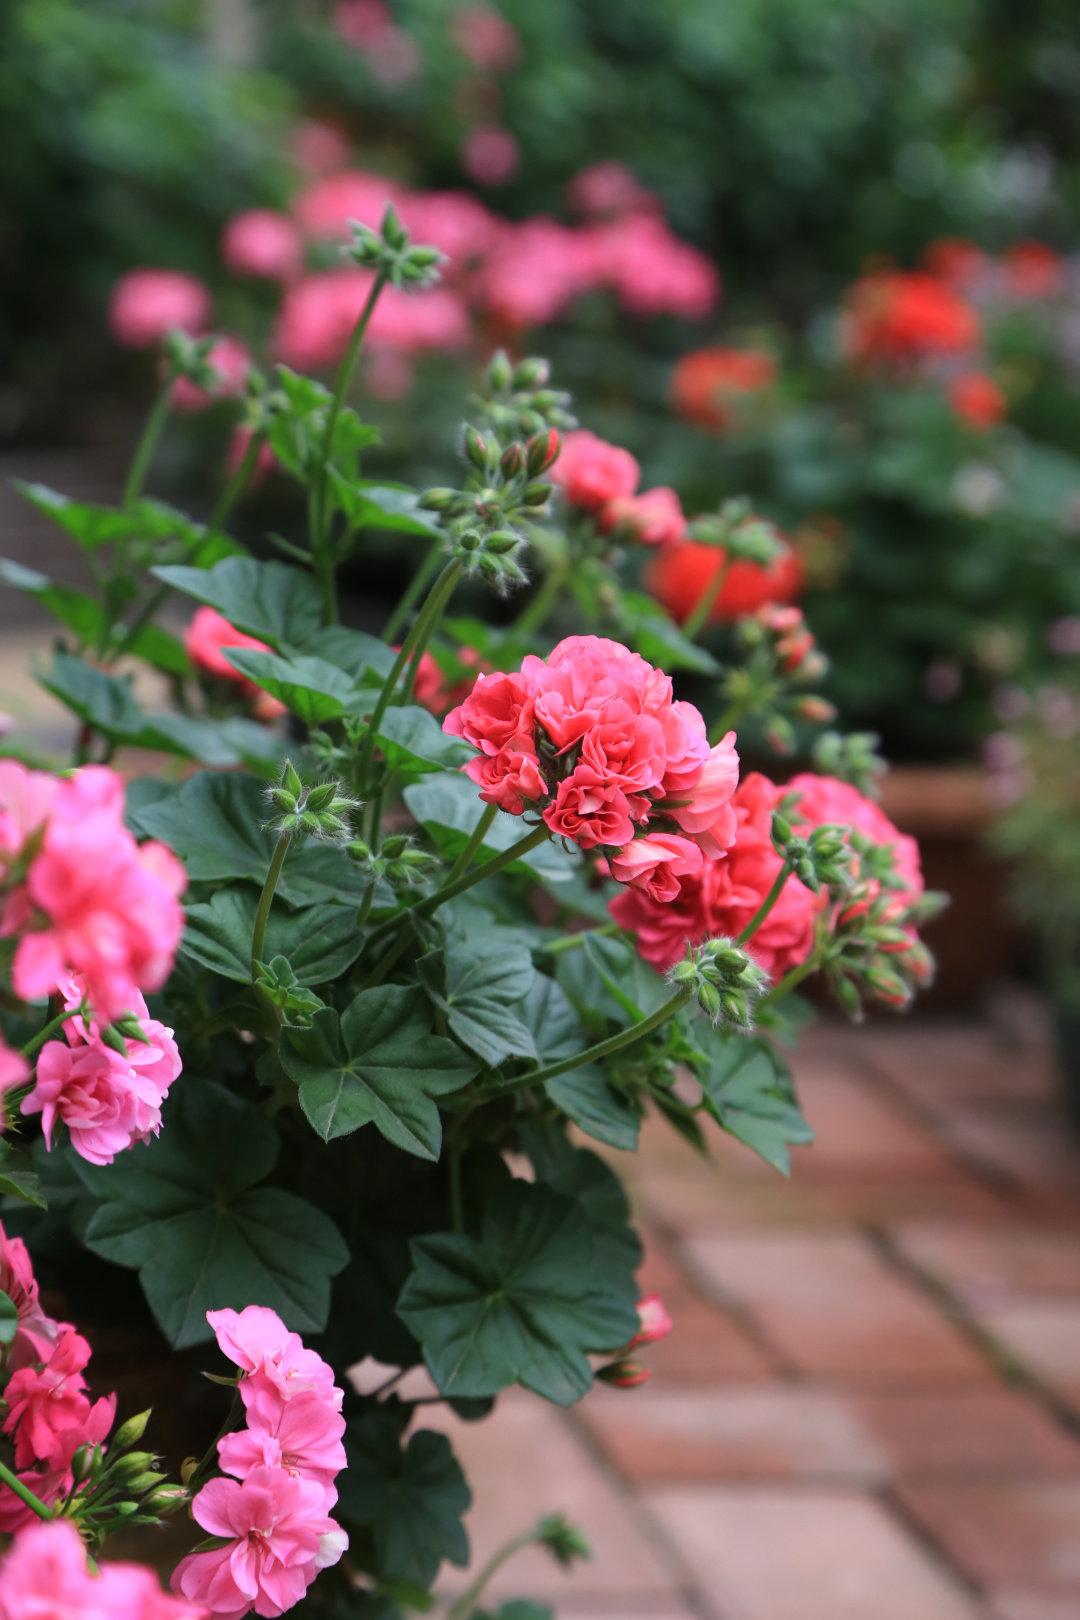 """Khu vườn quanh năm chỉ có """"mùa xuân"""" ở lại của cô giáo dạy Toán xinh đẹp - Ảnh 6."""